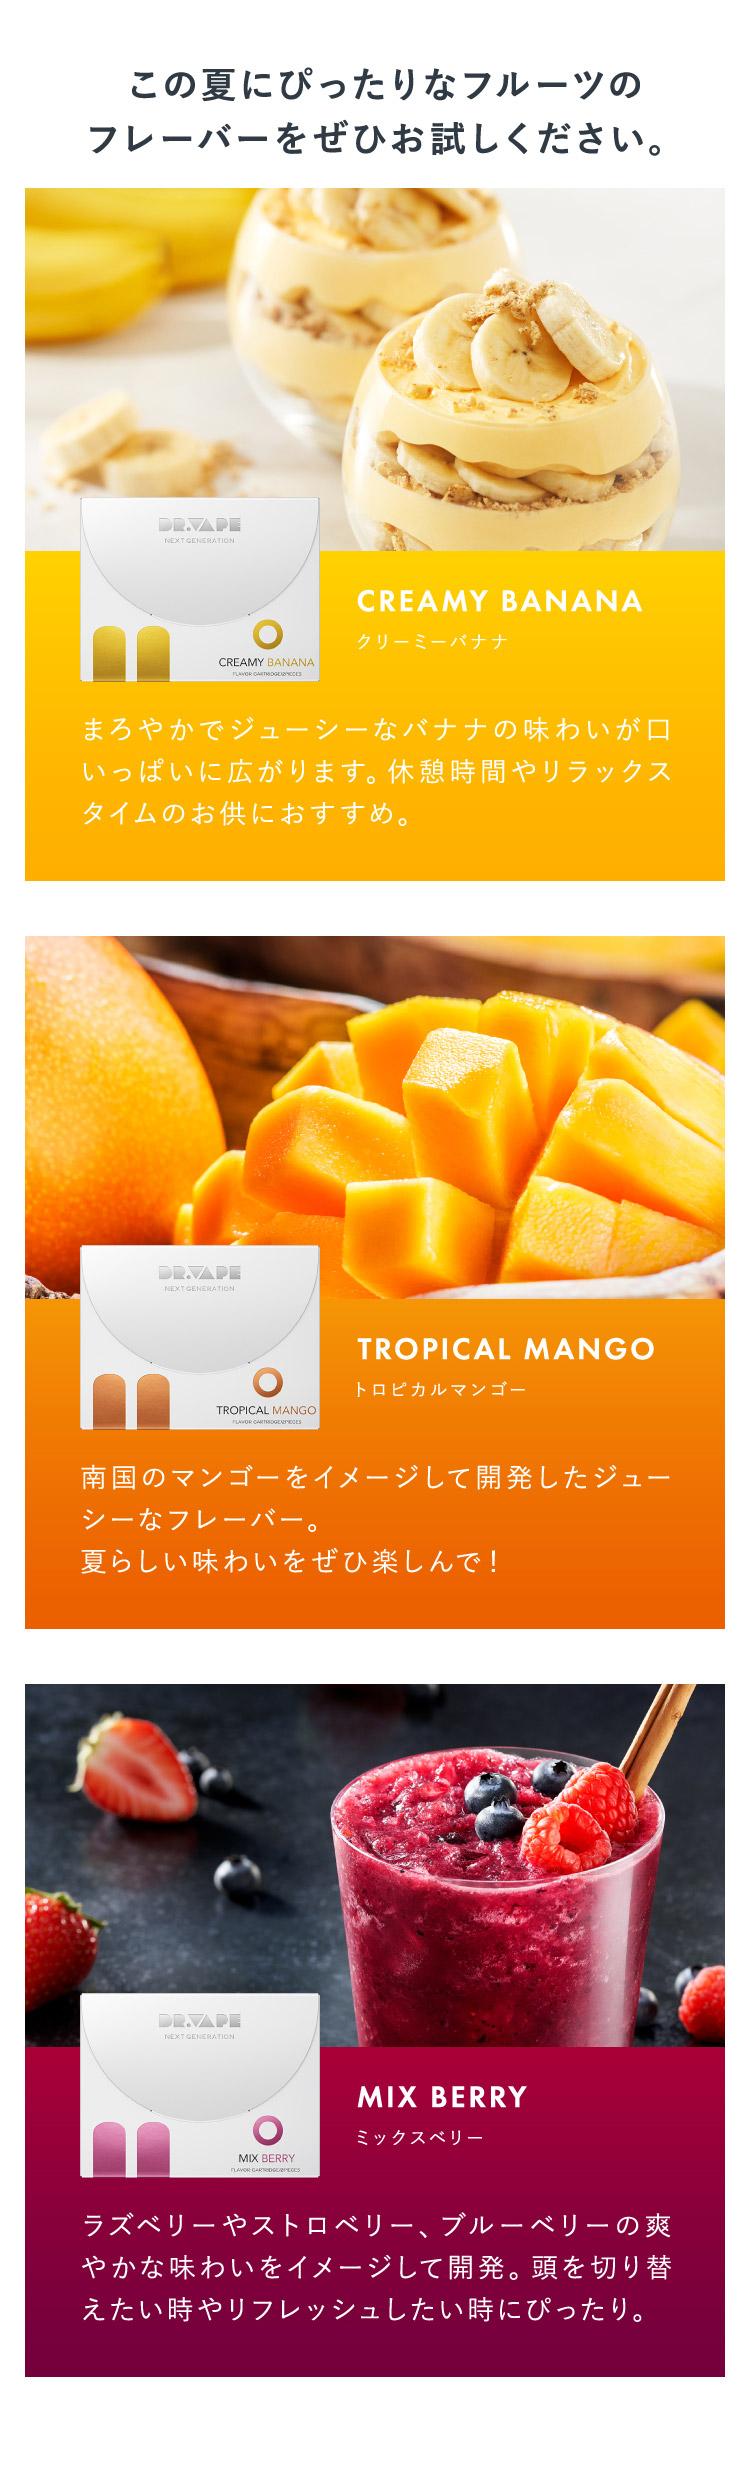 この夏にぴったりなフルーツのフレーバーをぜひお試しください。